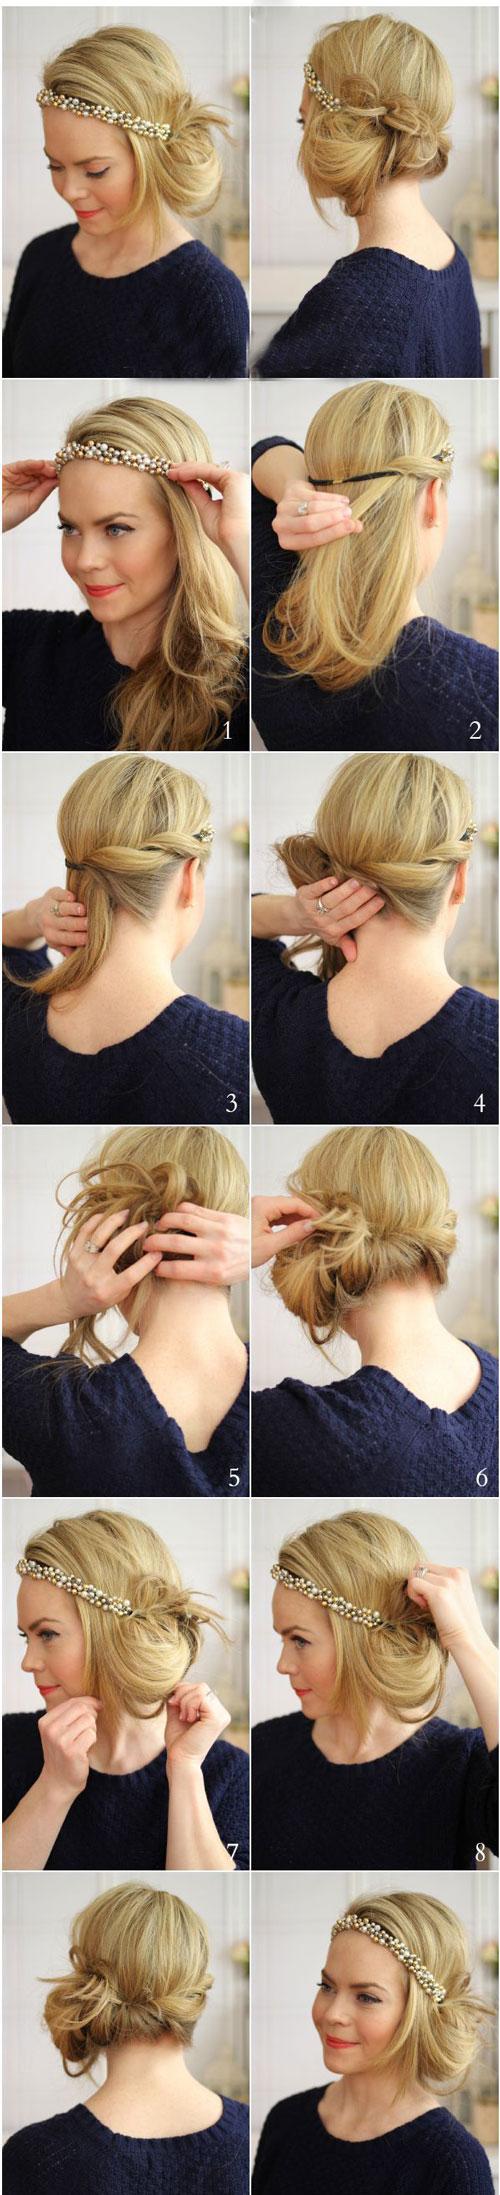 مدل و آرایش مو  , آموزش تصویری شینیون ساده مو